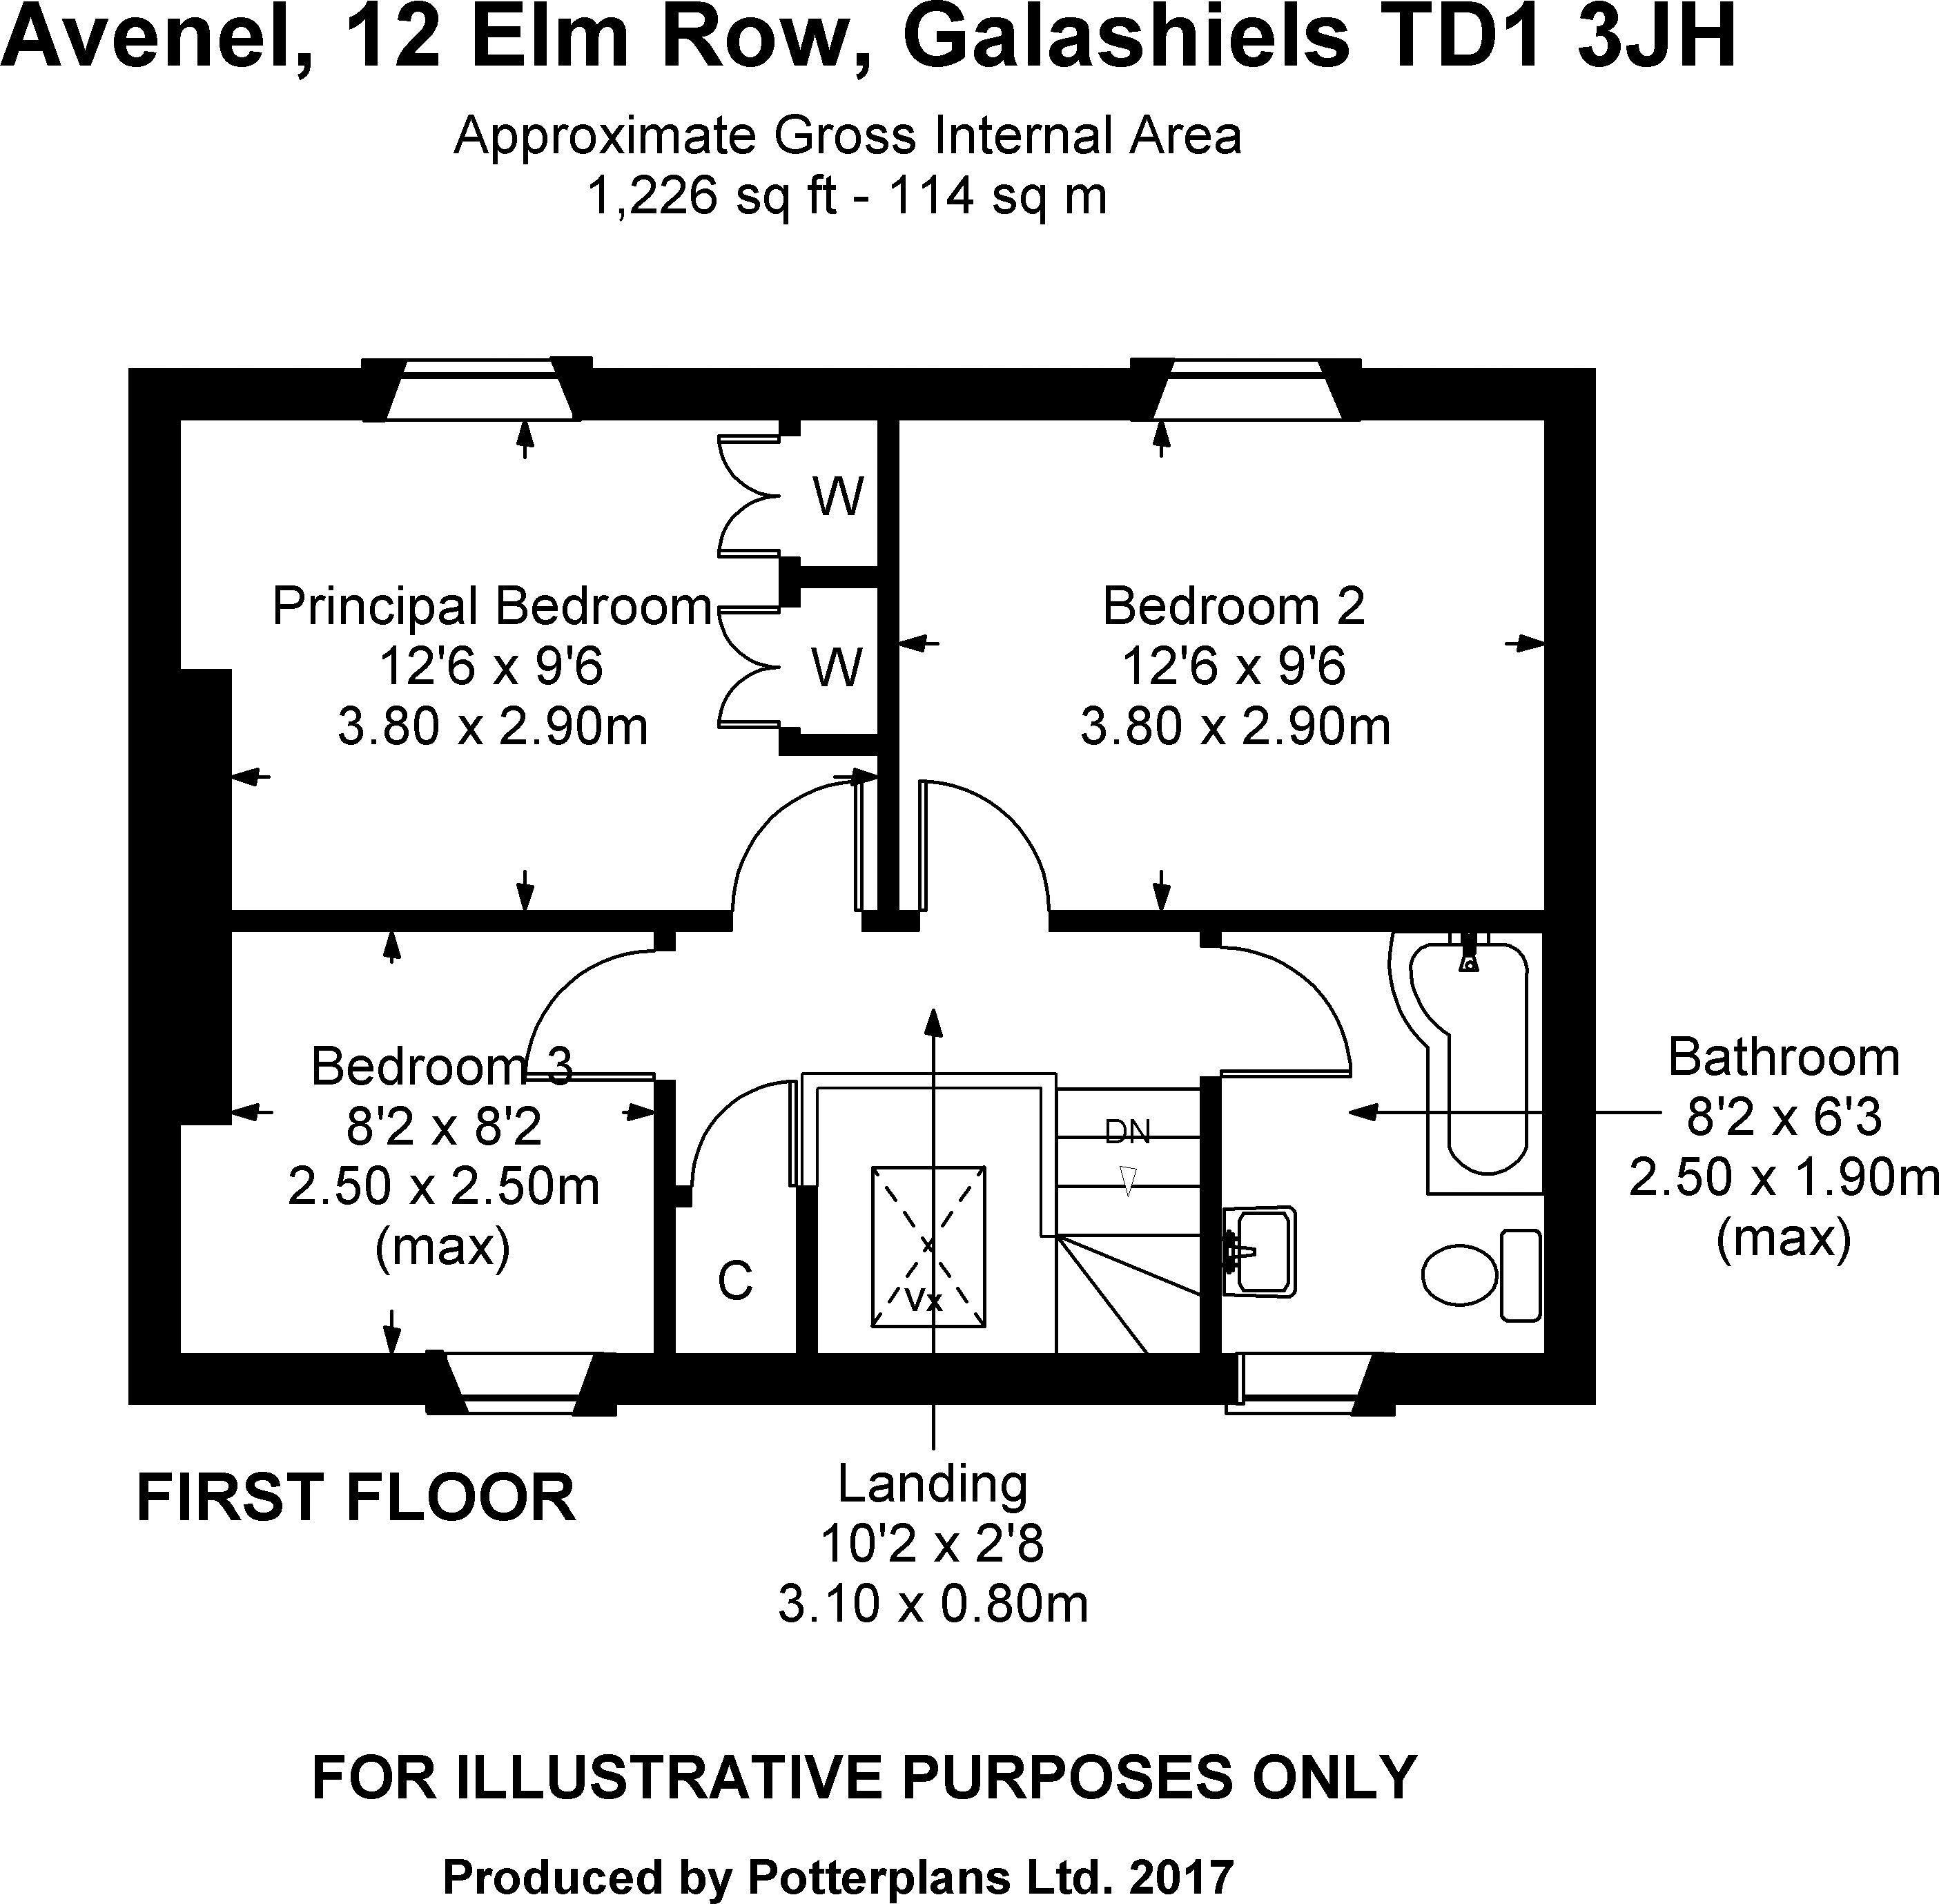 Avenel First Floor